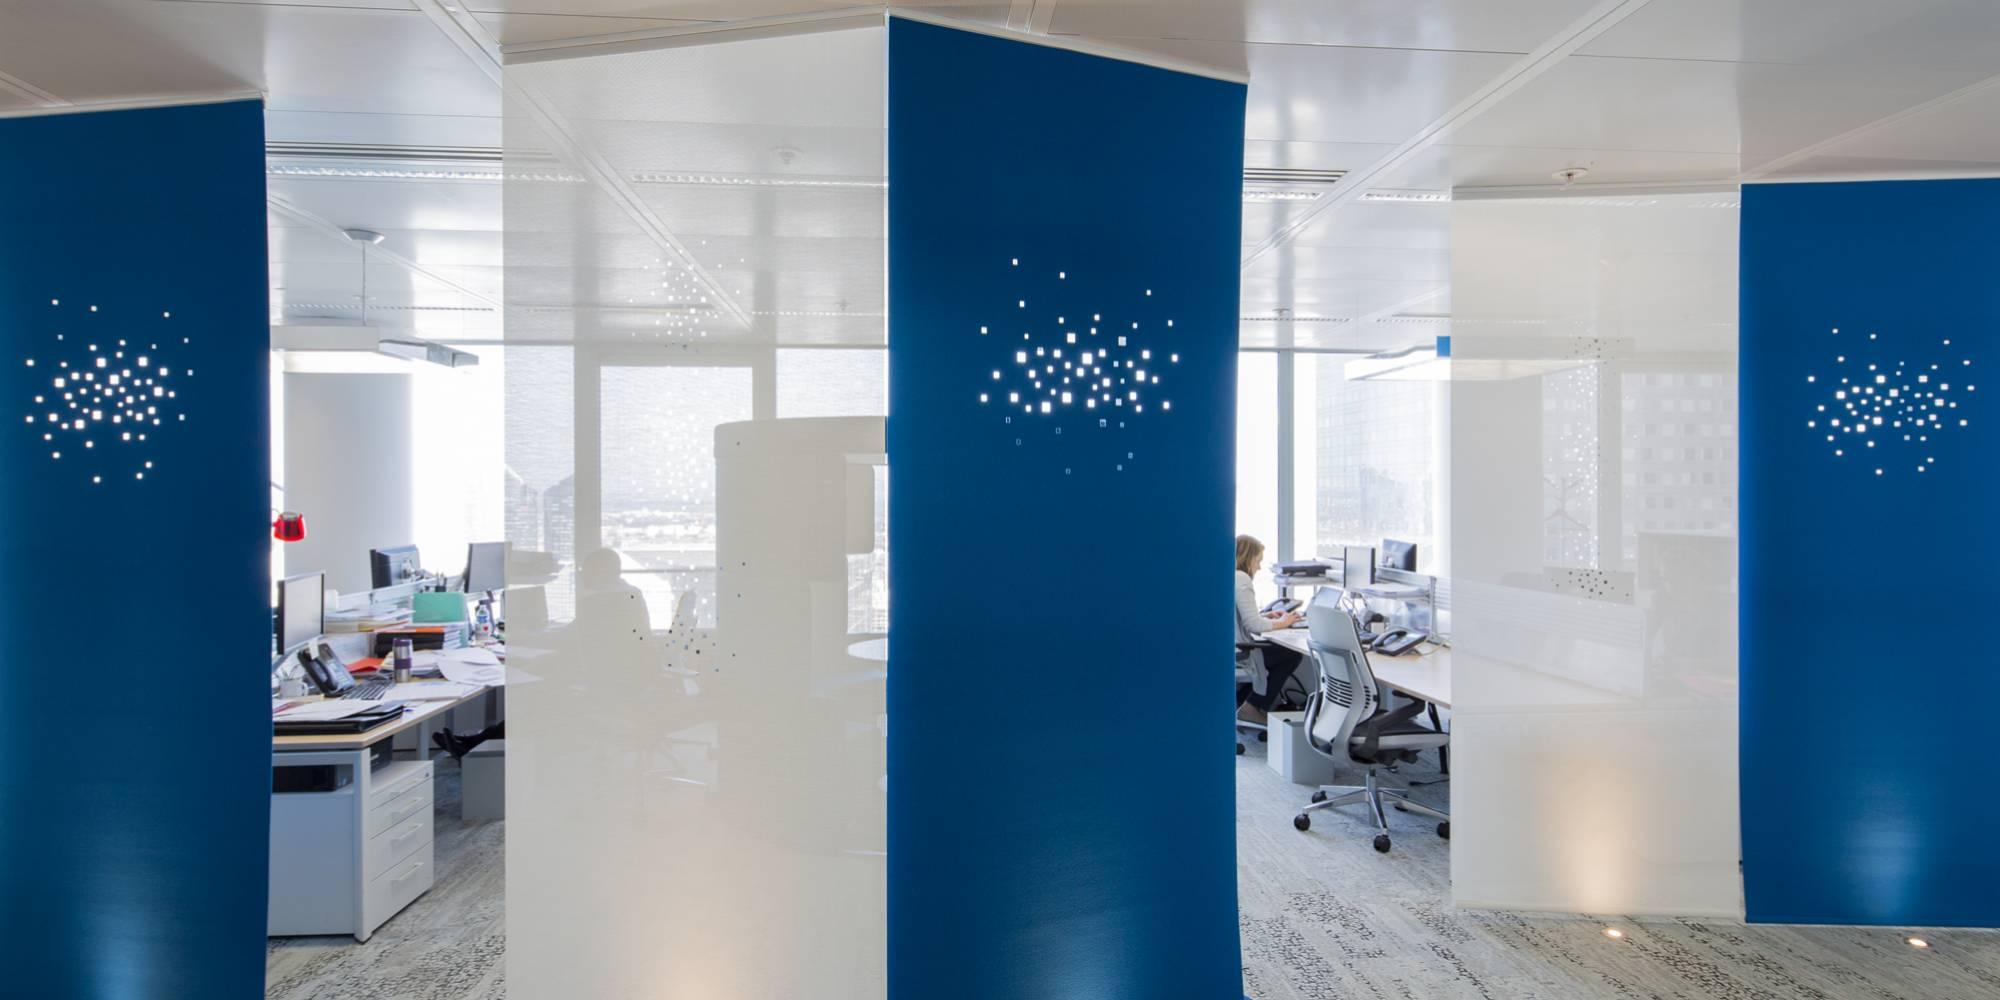 """Dessin """"lumières de la ville"""" sur combinaison de panneaux en feutre et en écran solaire"""